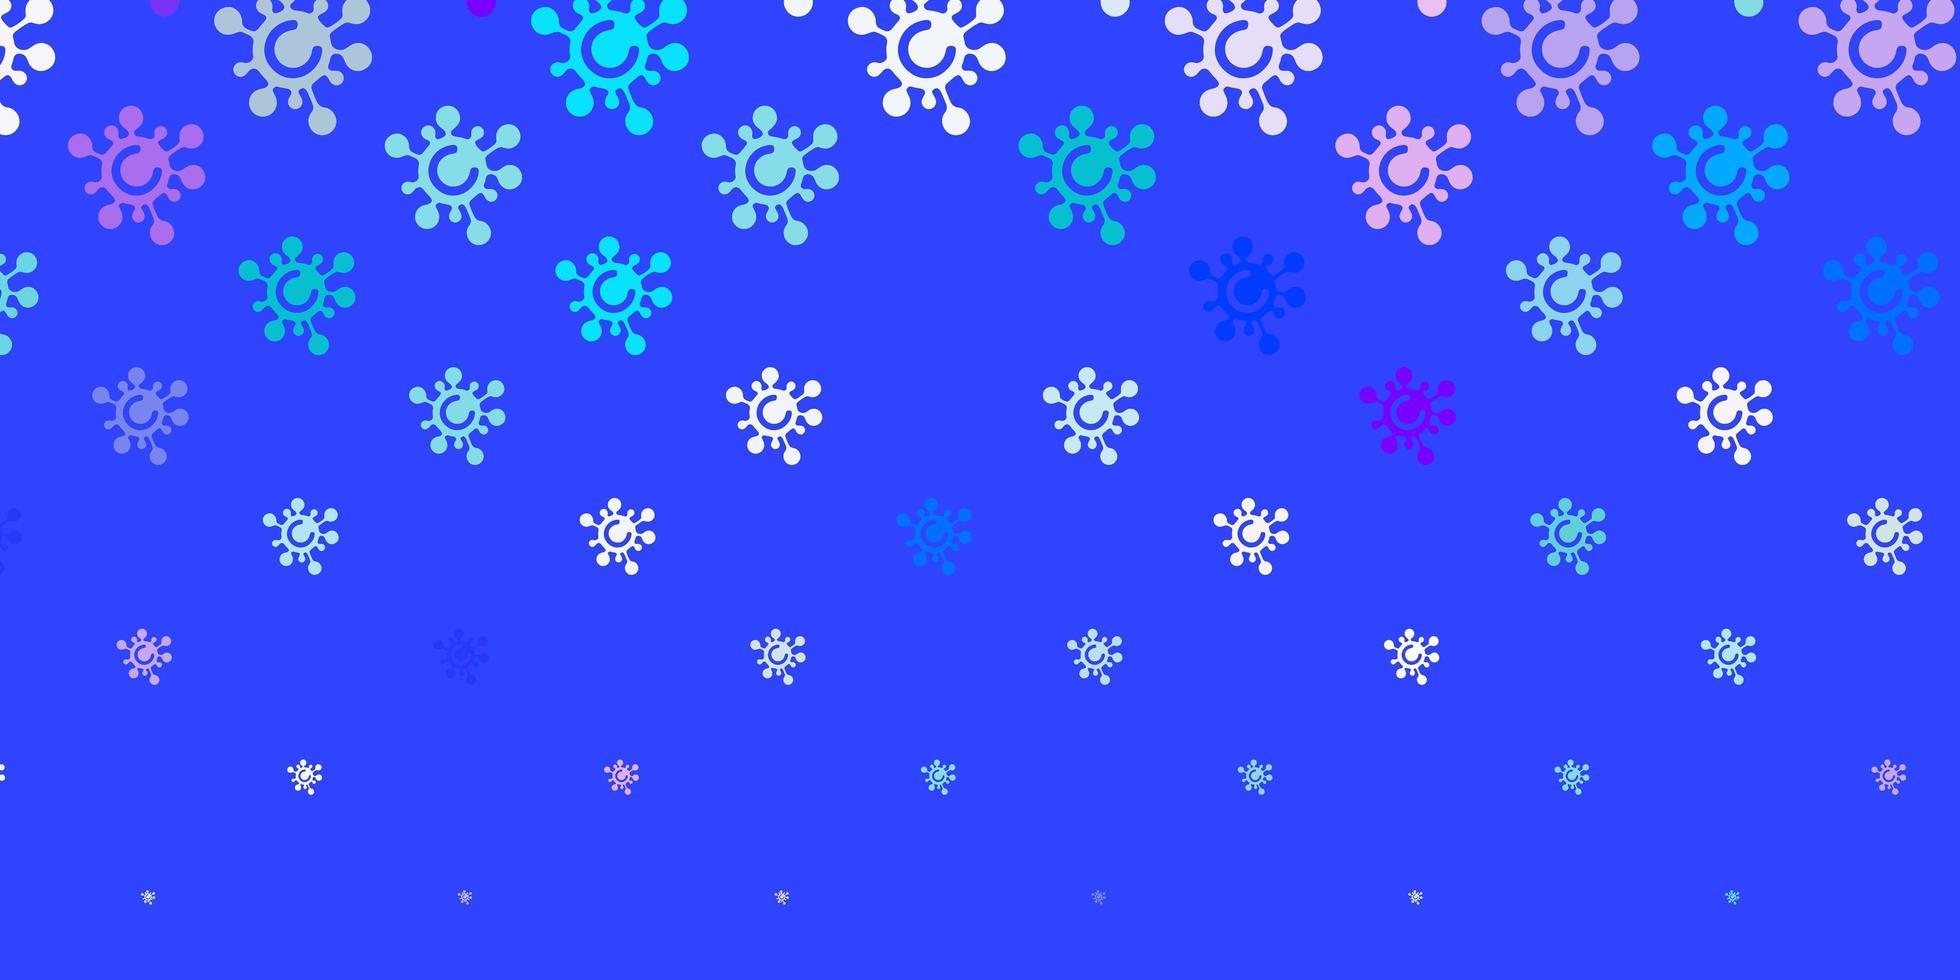 blaue, rosa Schablone mit Grippezeichen. vektor